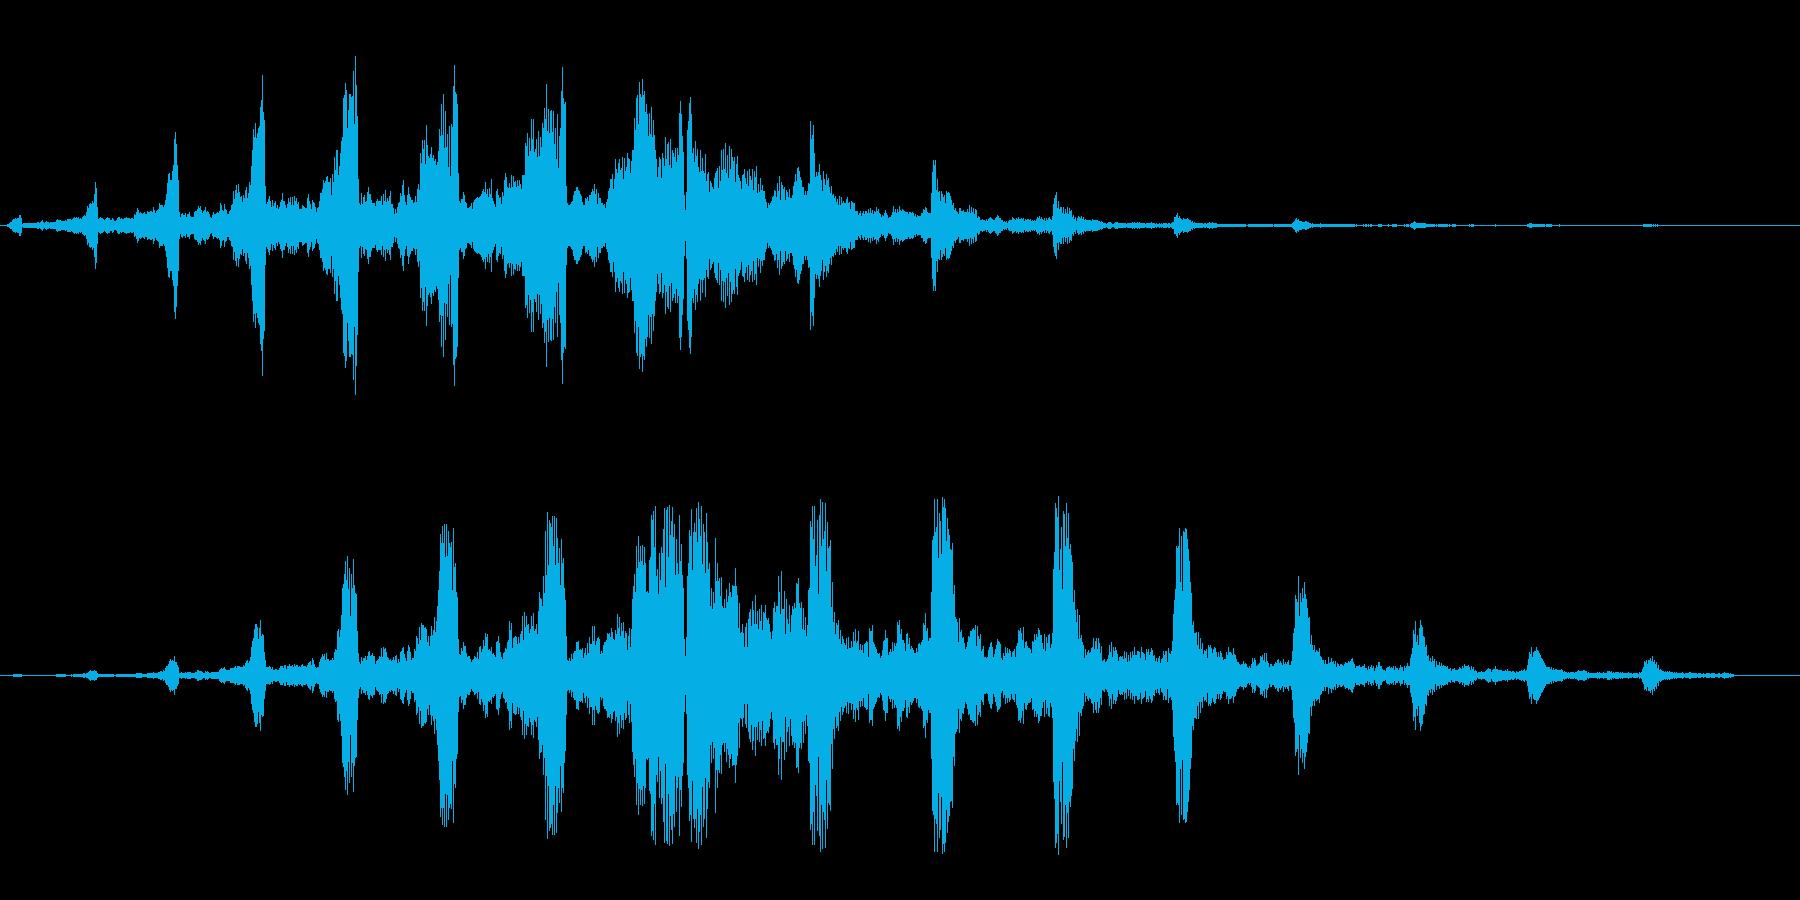 キキキ(回転系の音)の再生済みの波形